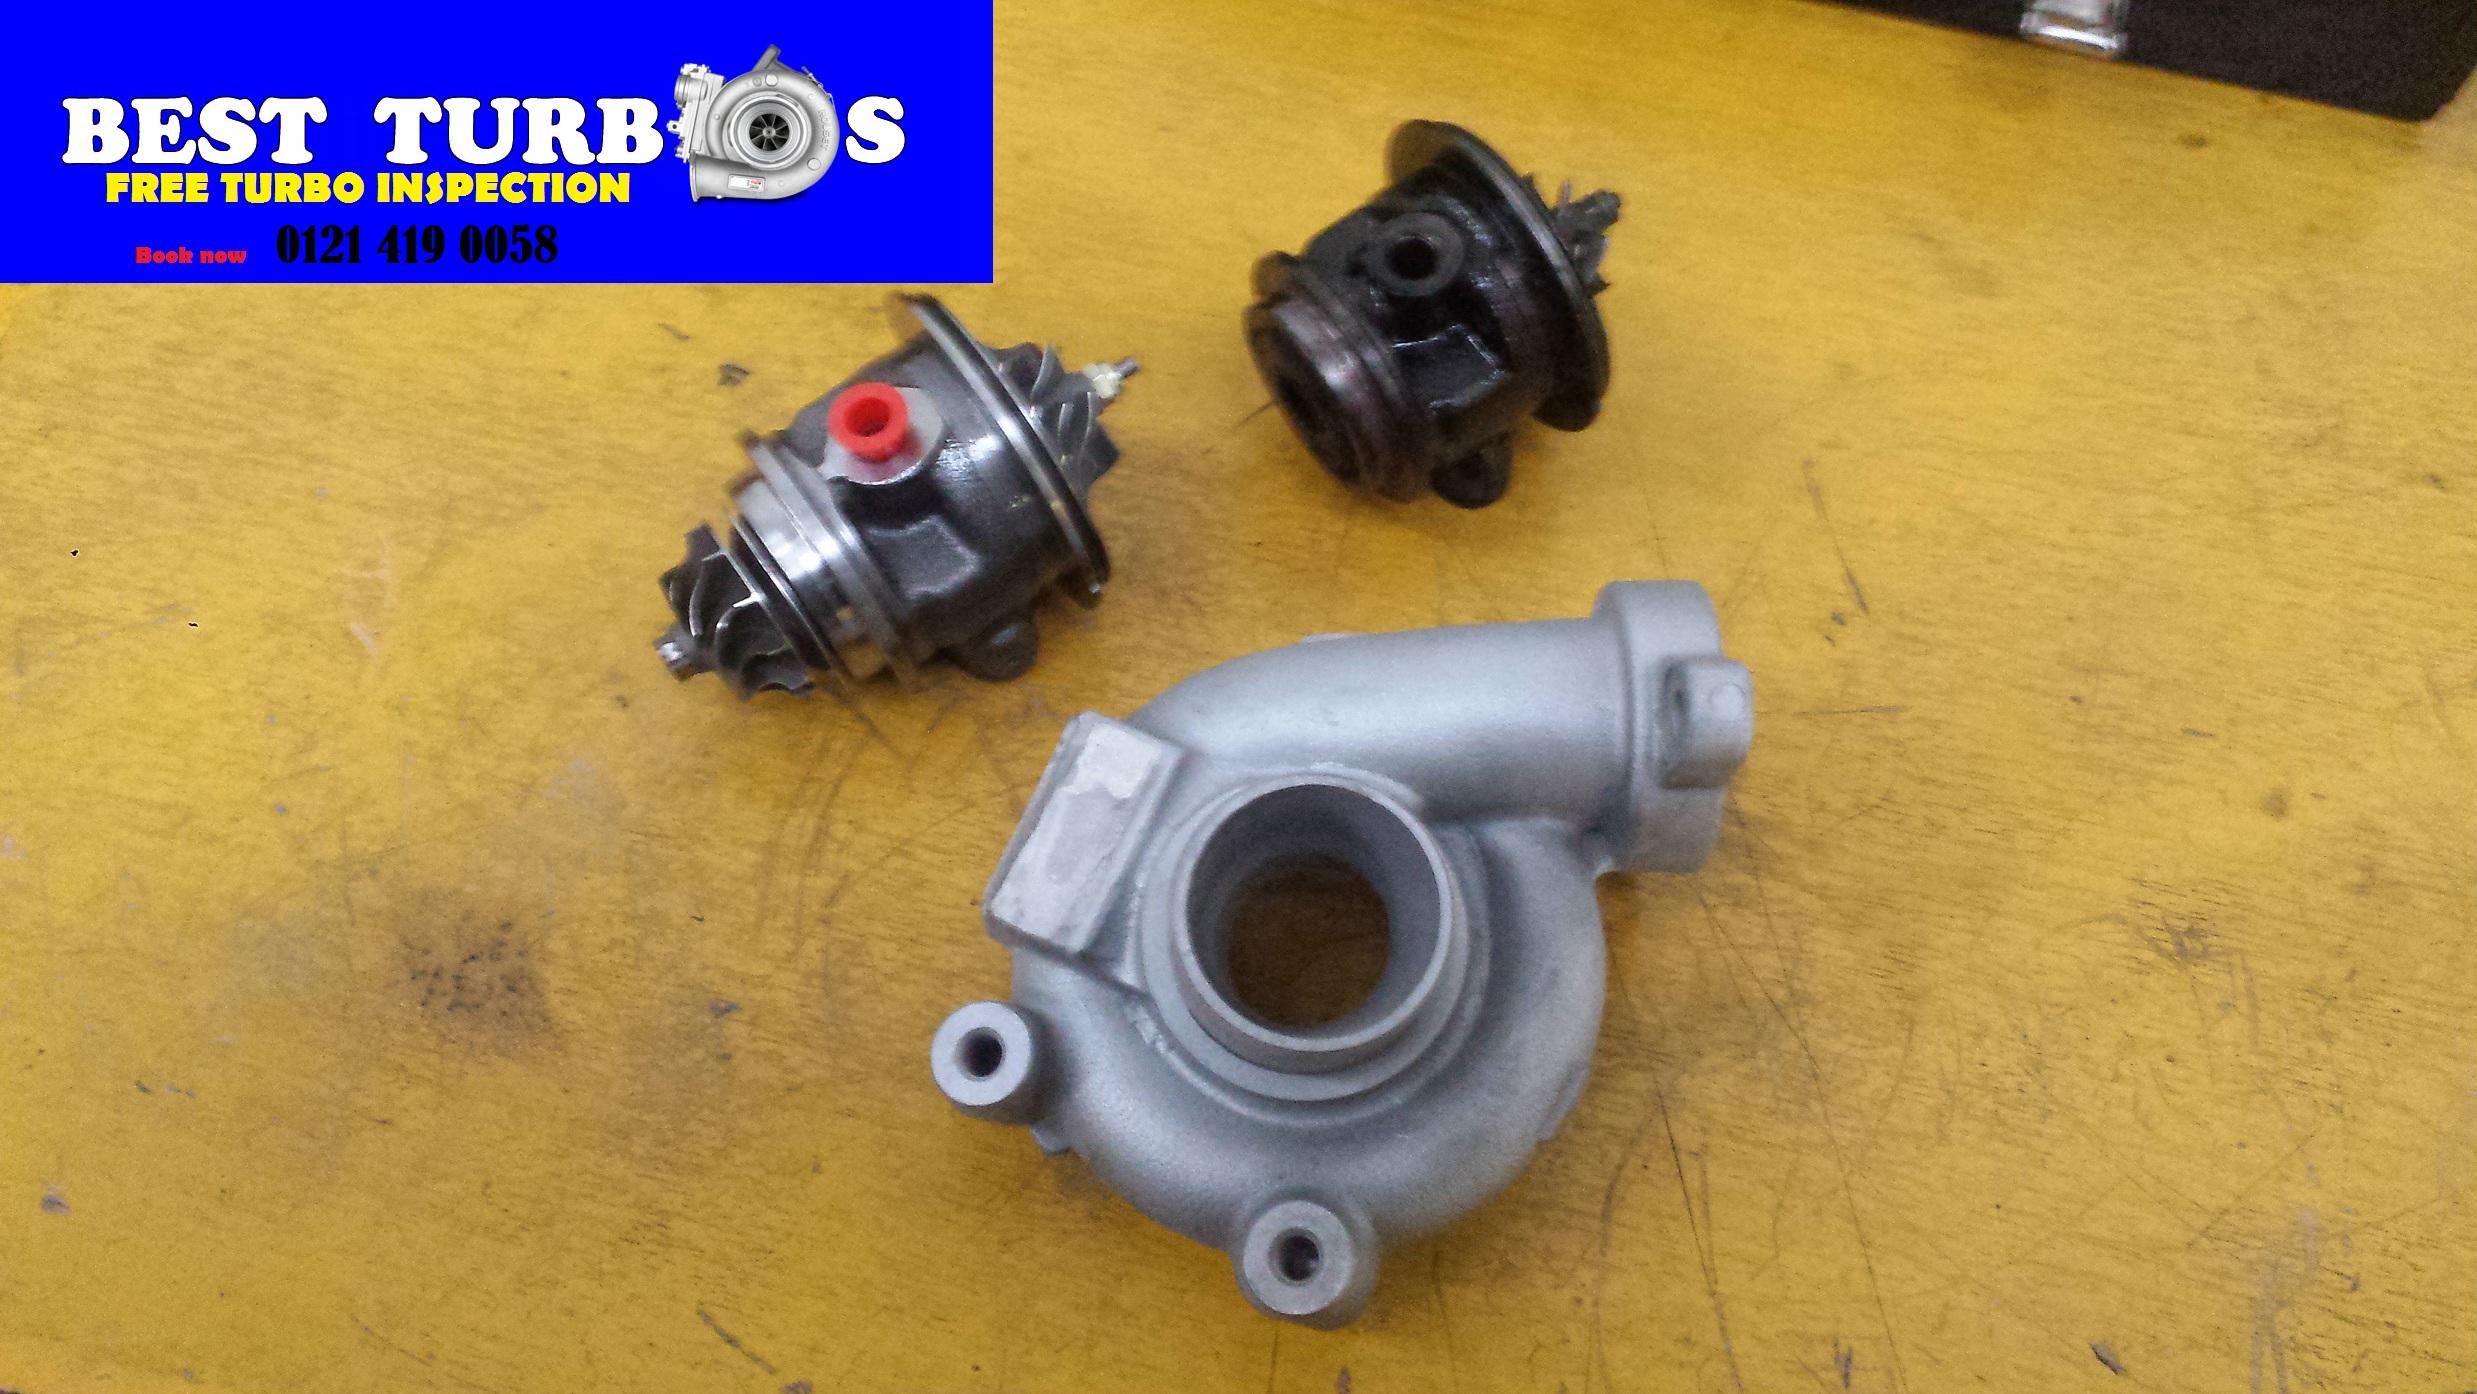 bmw 320d turbo recon best turbos birmingham wolverhampton walsall dudley erdington solihull sutton coldfield 717478 GT1749V 750431 GT2256V 454191 GT2256V 700935 GT1749V 731877 762965-5020 712541 778400 53039880132